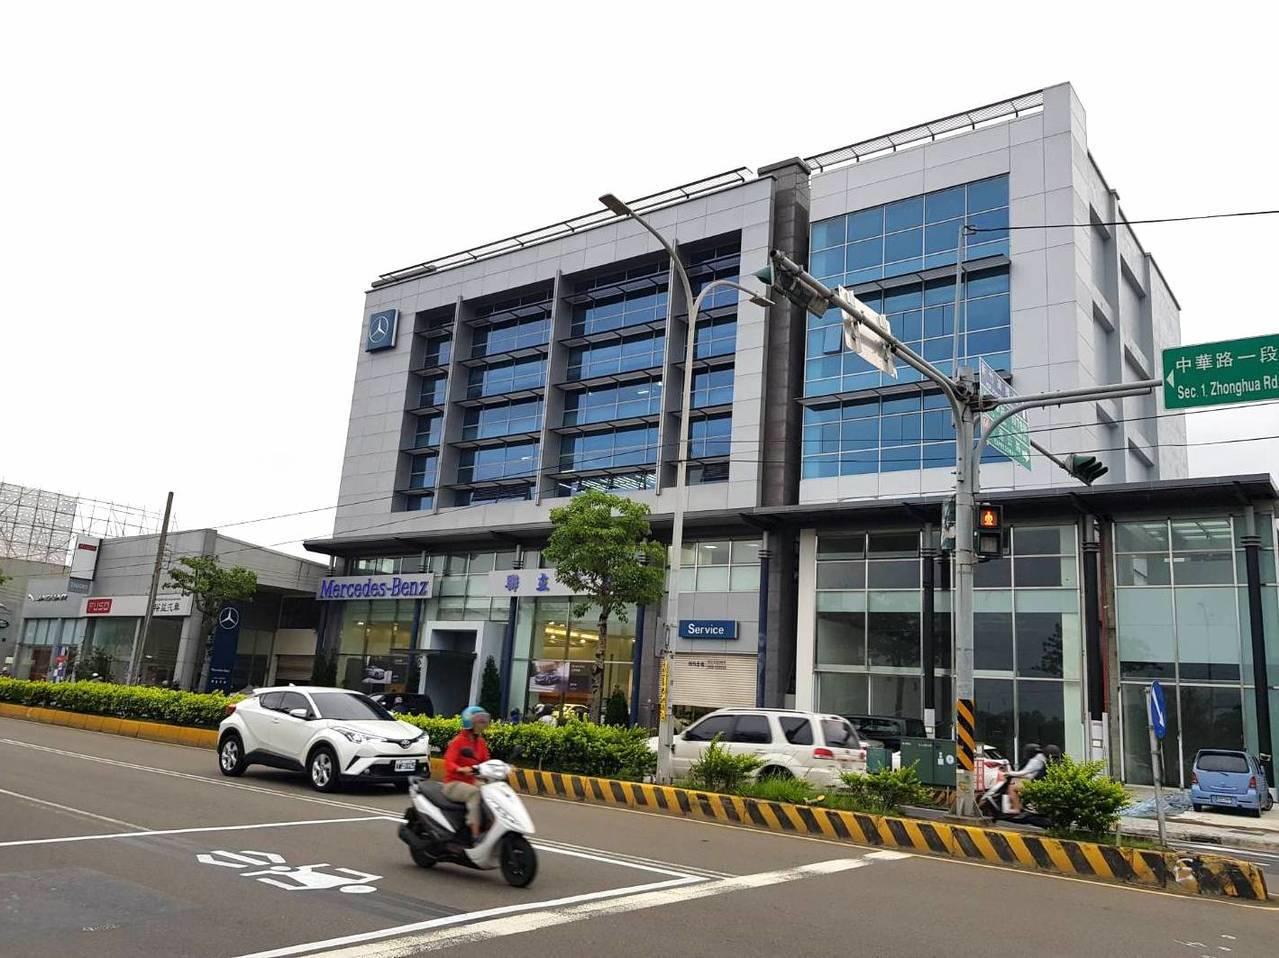 現任國民黨主委呂學樟的5層樓展示中心4年前被檢舉違建,市府開罰多次,至今仍照常營...